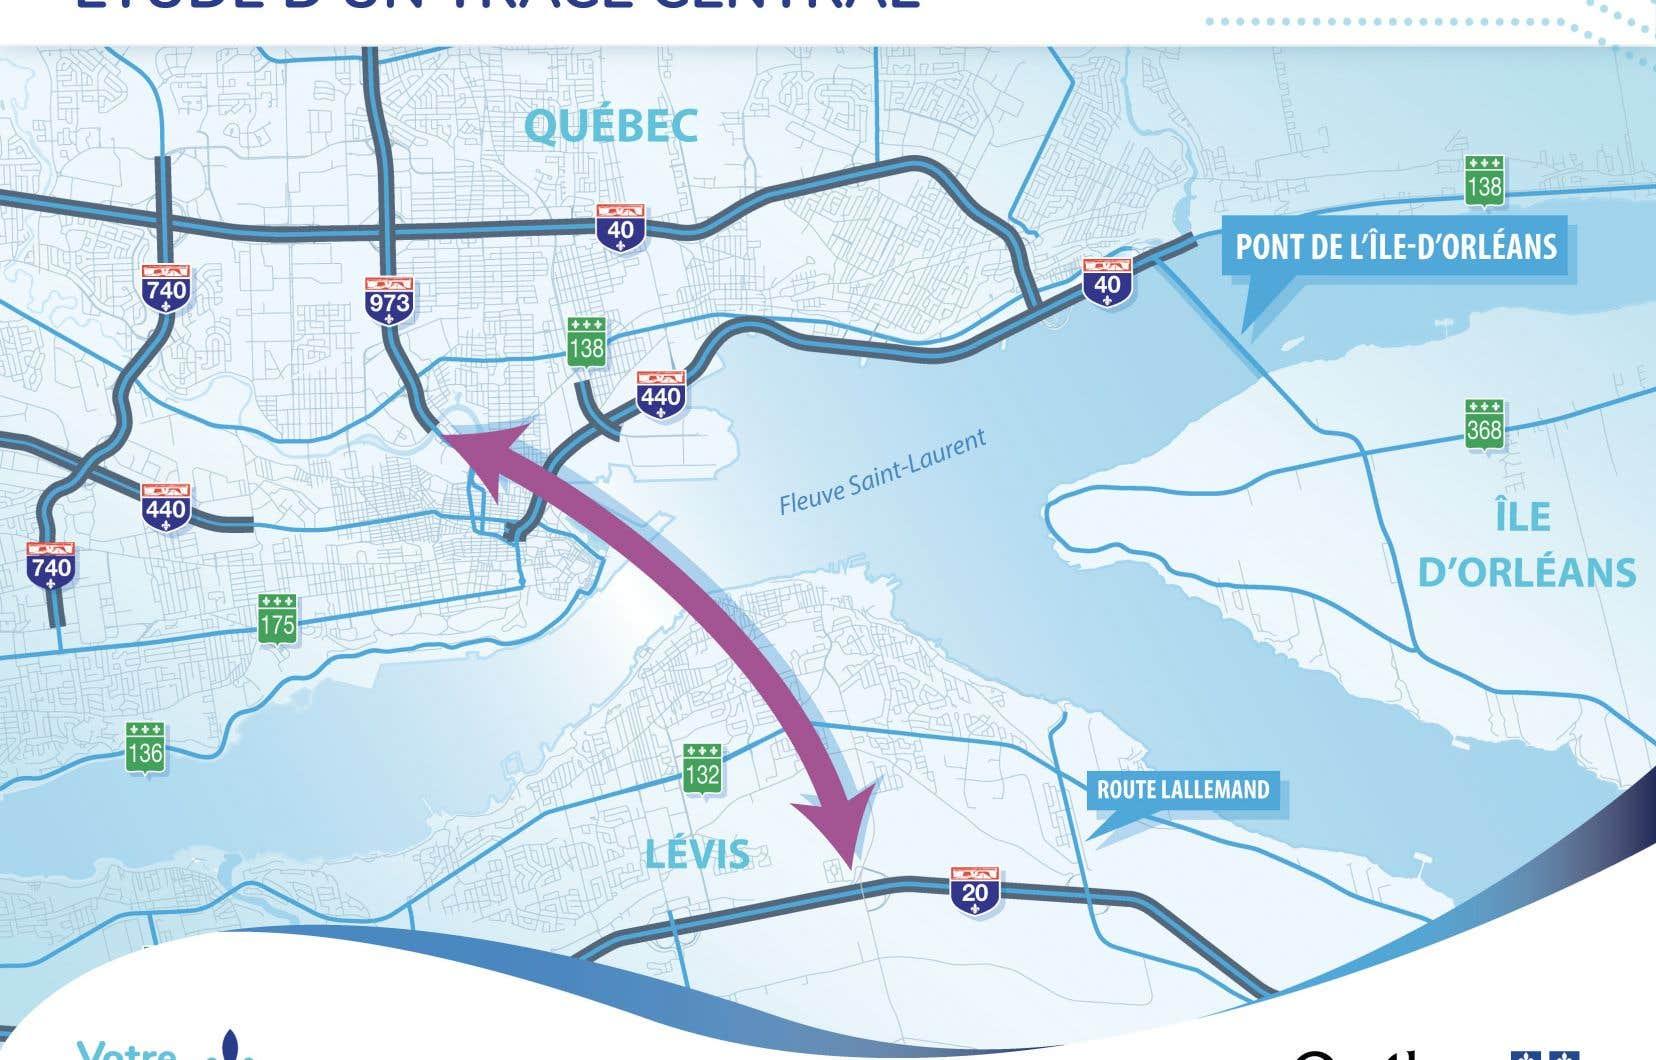 Un tunnel sur le nouveau site choisi pour relier les centres-villes de Québec et de Lévis parait une option moins incertaine d'un point de vue financier, selon le professeur Bruno Massicotte de l'école Polytechnique de Montréal.